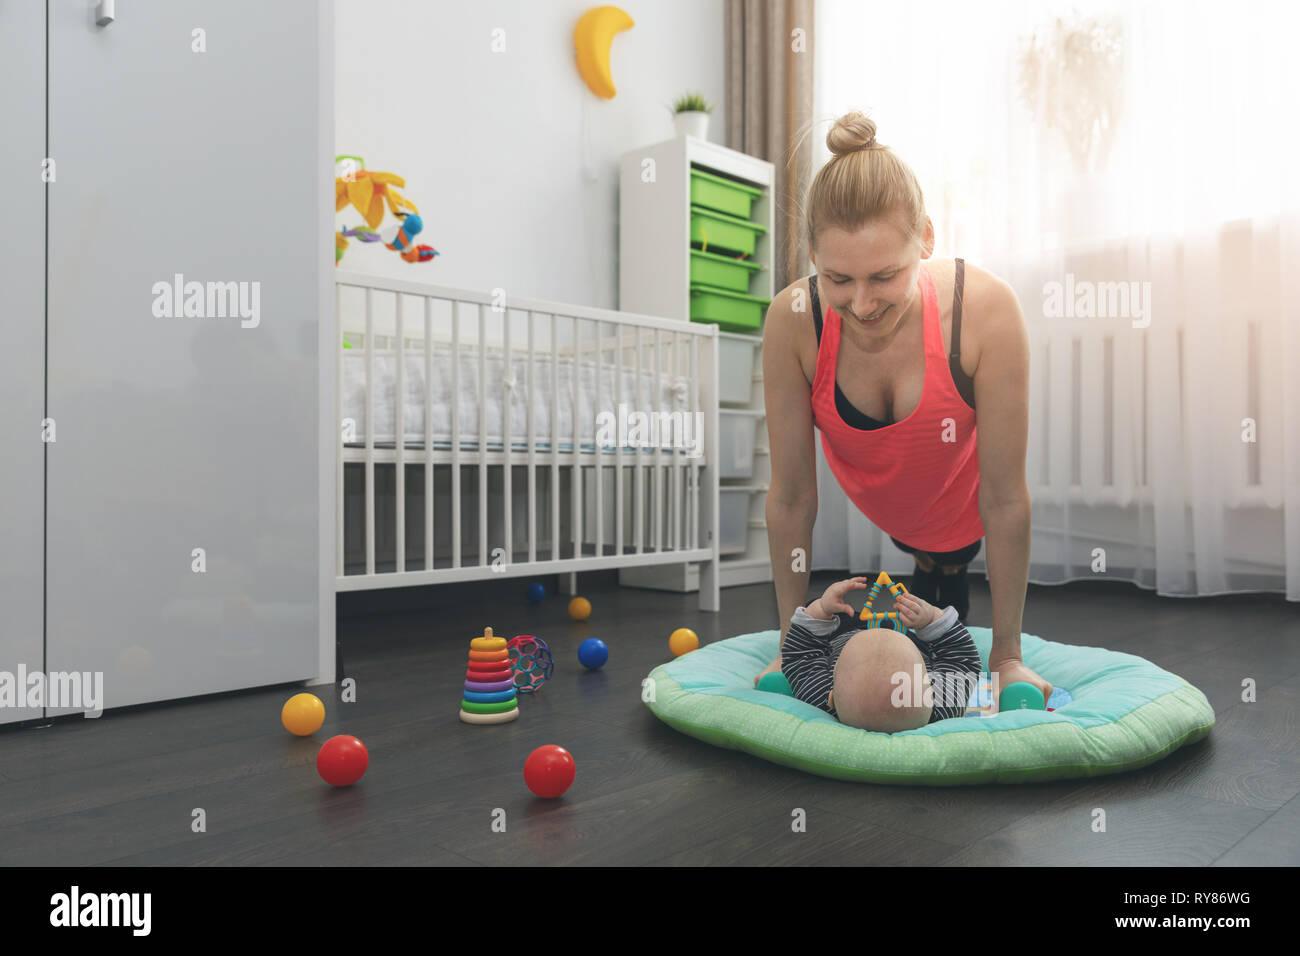 Junge Frau, Push-ups zu Hause beim Spielen mit ihr kleines Baby Stockfoto